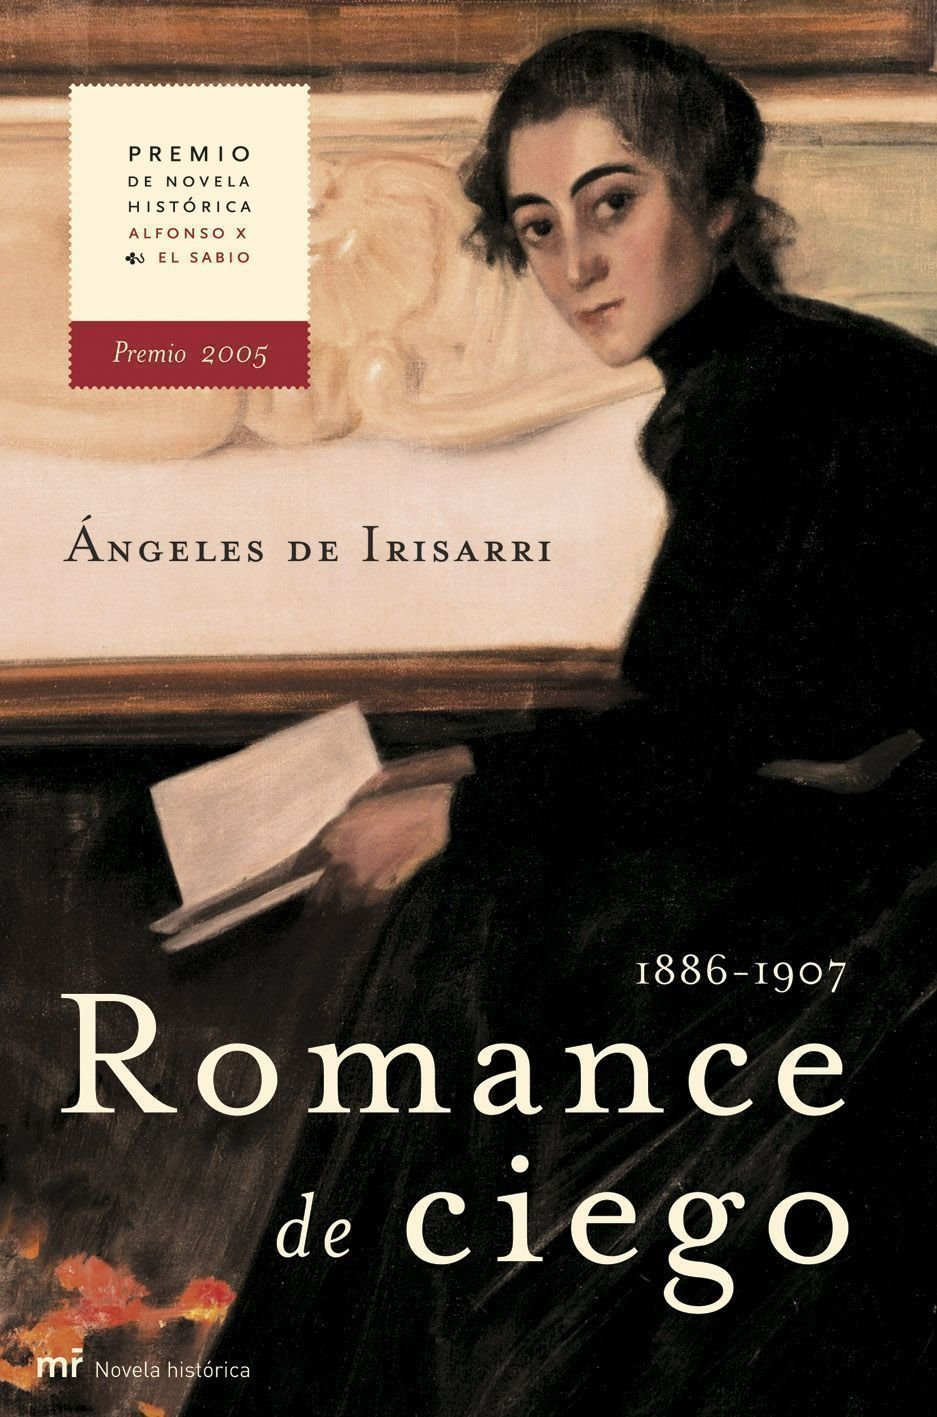 Romance De Ciego Mr Novela Histórica Amazon Es Irisarri ángeles De Libros